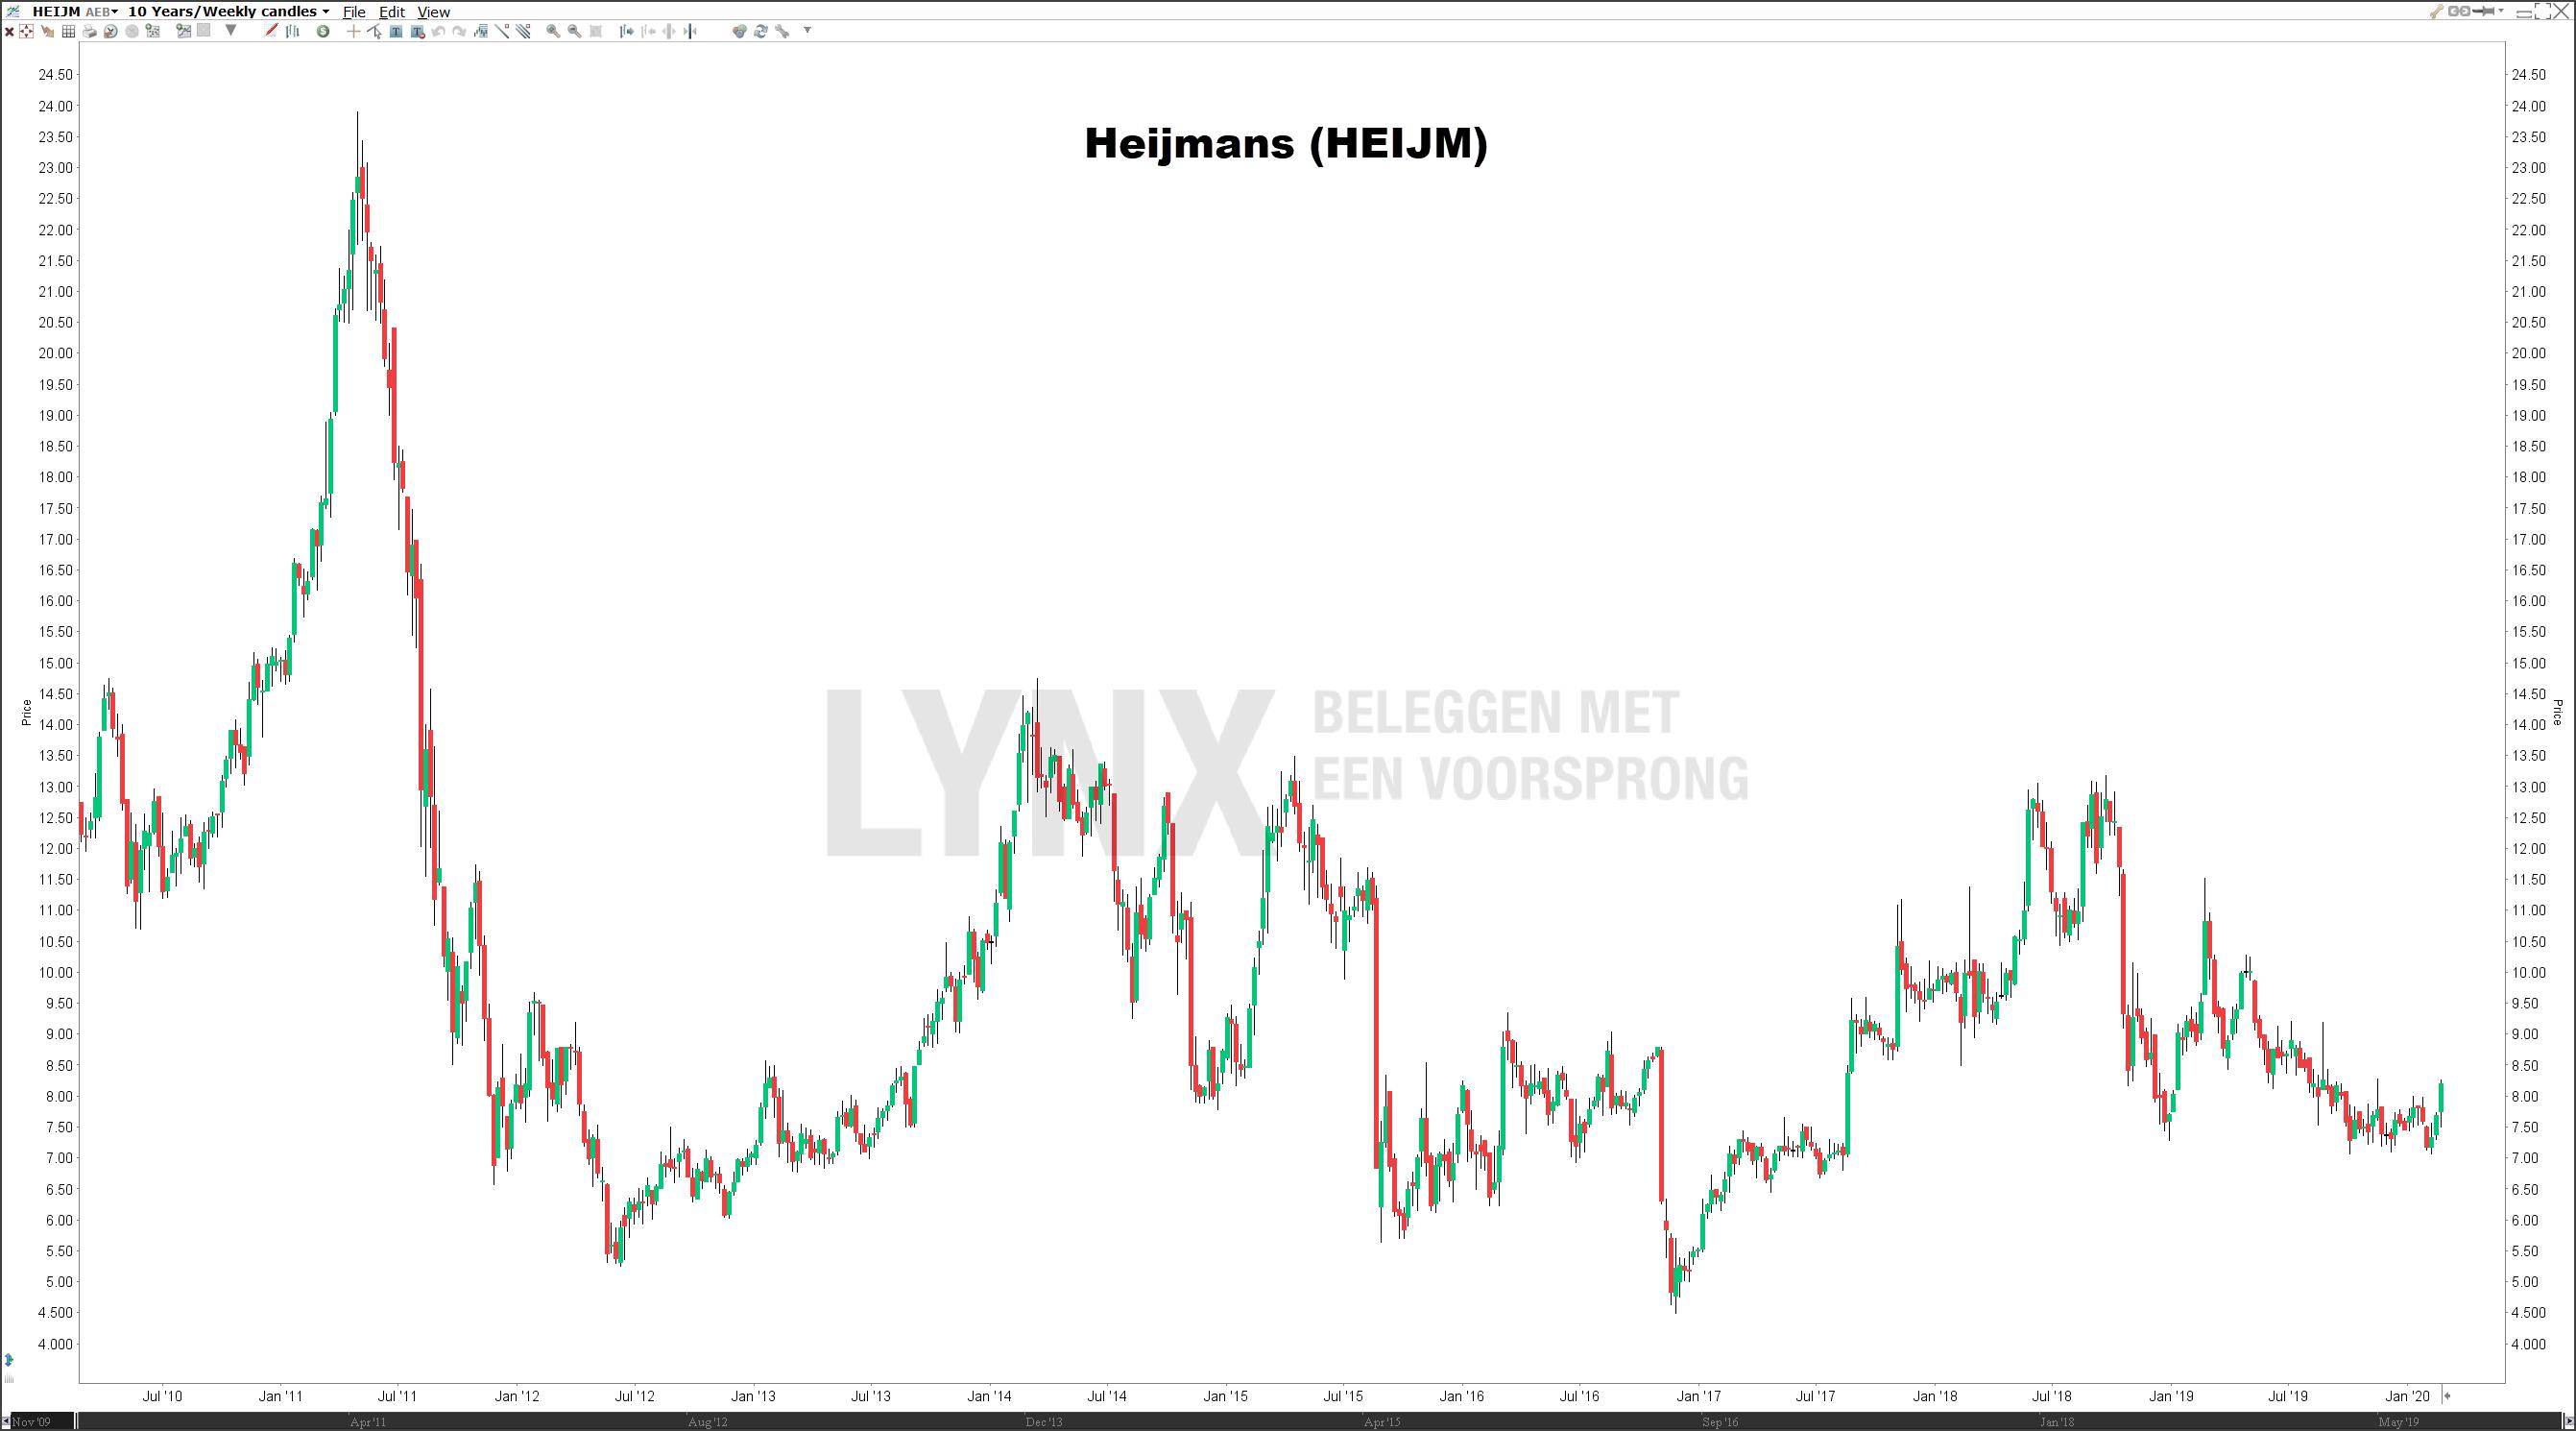 Koers aandeel Heijmans lange termijn